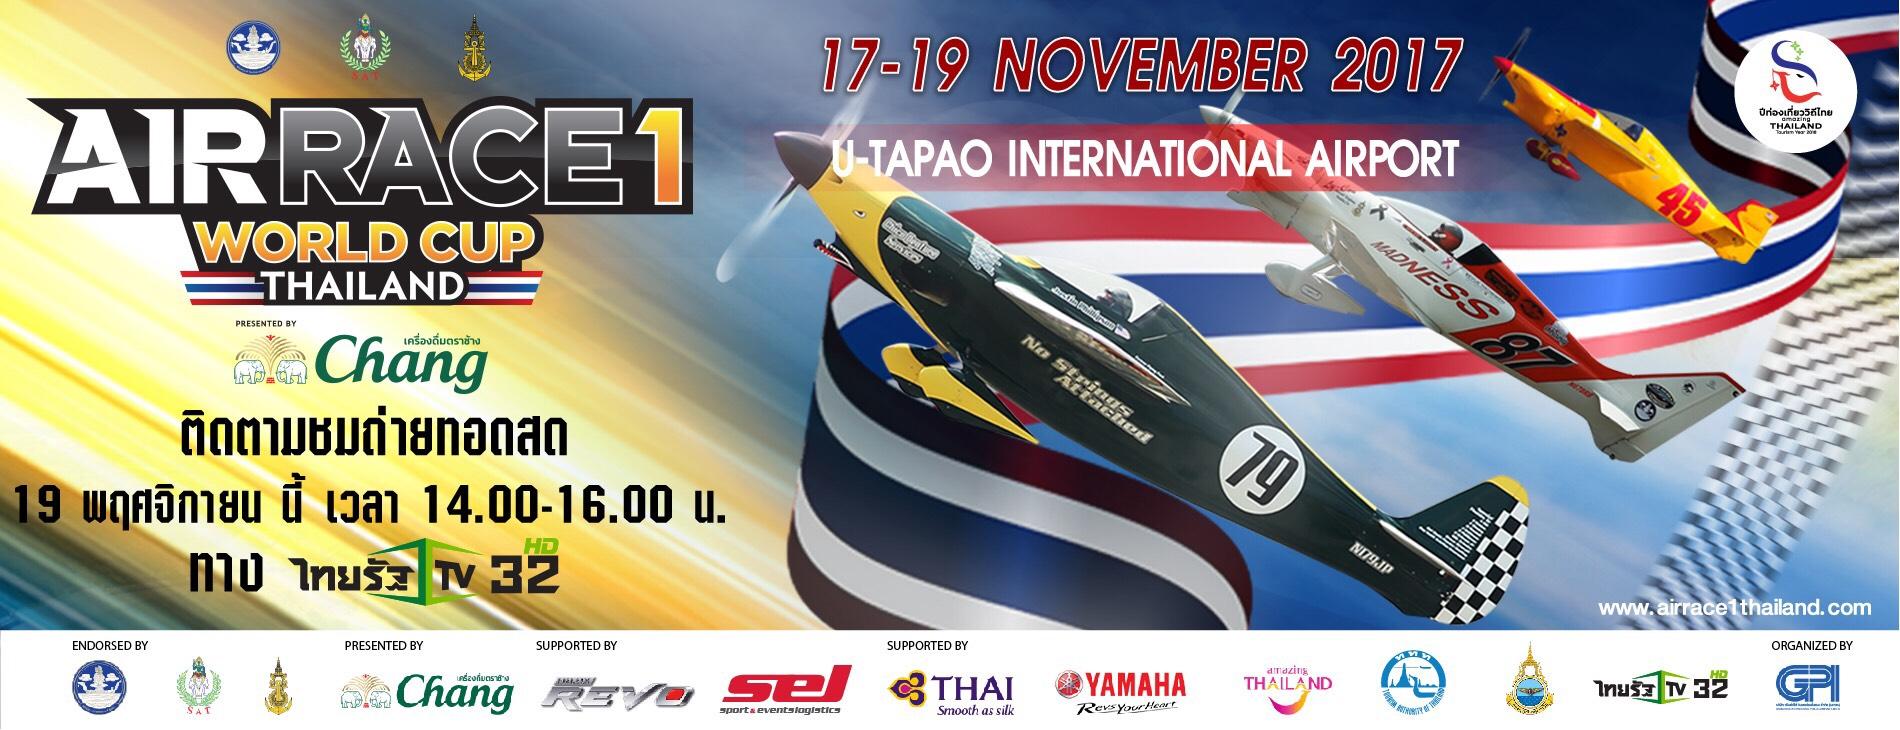 การแข่งขันเครื่องบินสูตรหนึ่ง Air Race1 World Cup Thailand 2017 Presented by Chang 17-19 พฤศจิกายน 2560 ณ ท่าอากาศยานนานาชาติอู่ตะเภา จังหวัดระยอง